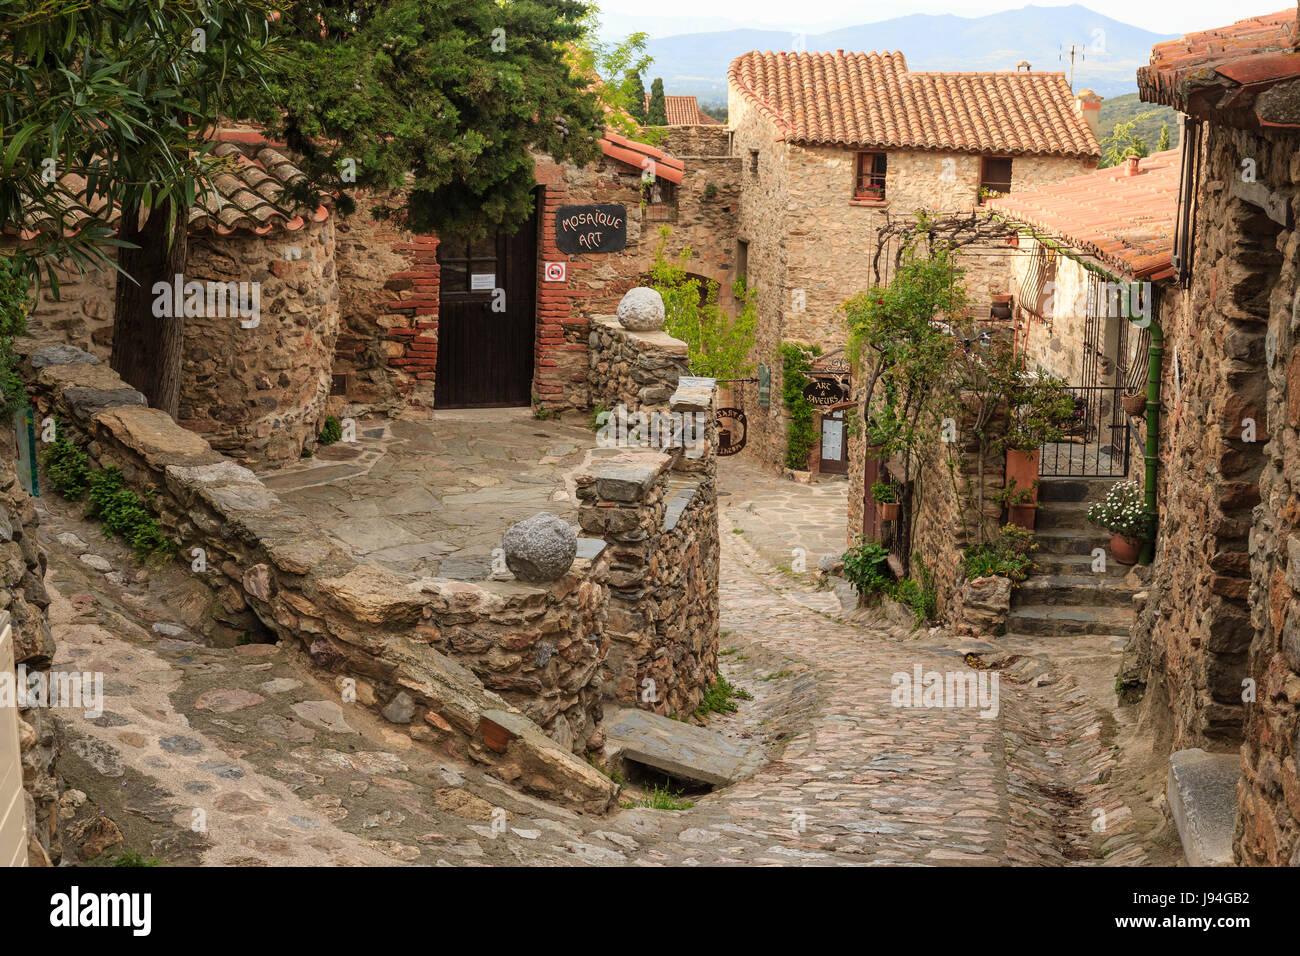 Francia, Pirenei orientali, Castelnou etichettati Les Plus Beaux Villages de France (il più bel villaggio della Francia), street nel villaggio Foto Stock